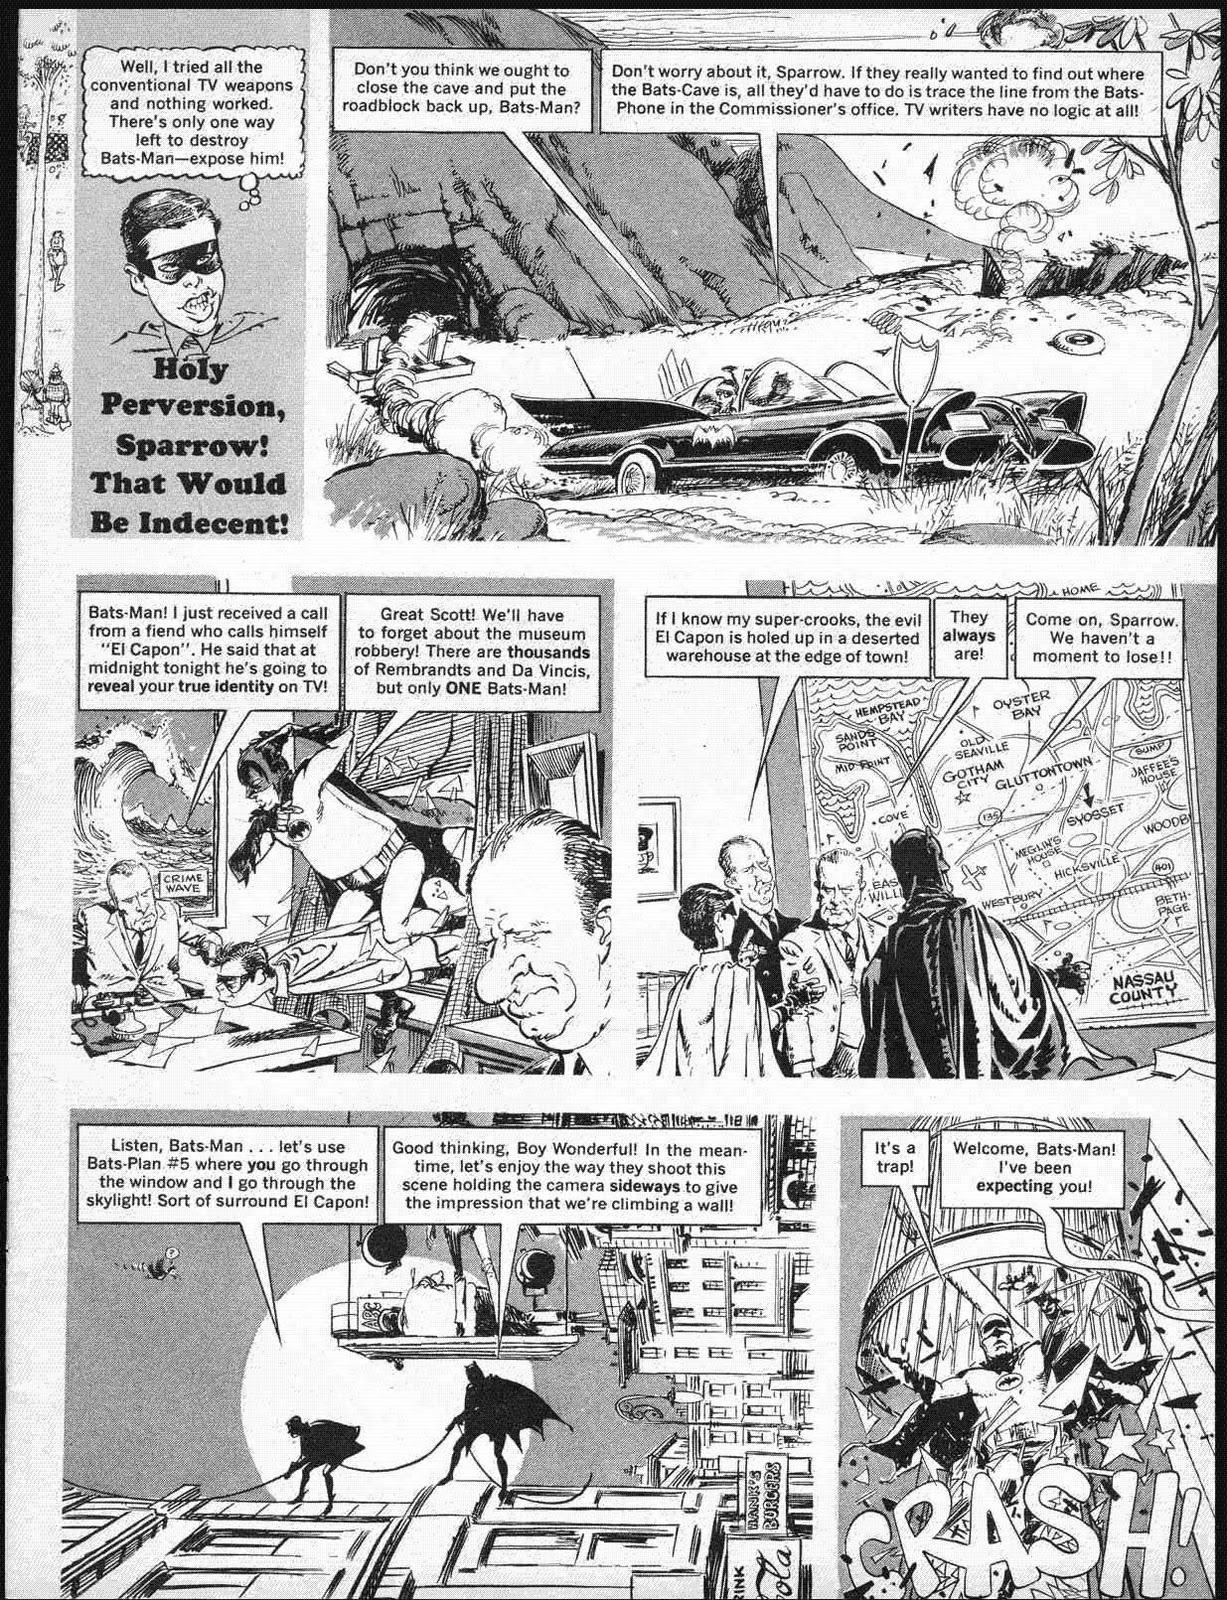 G33k4L1f3: Classic Mad Magazine BATMAN parody